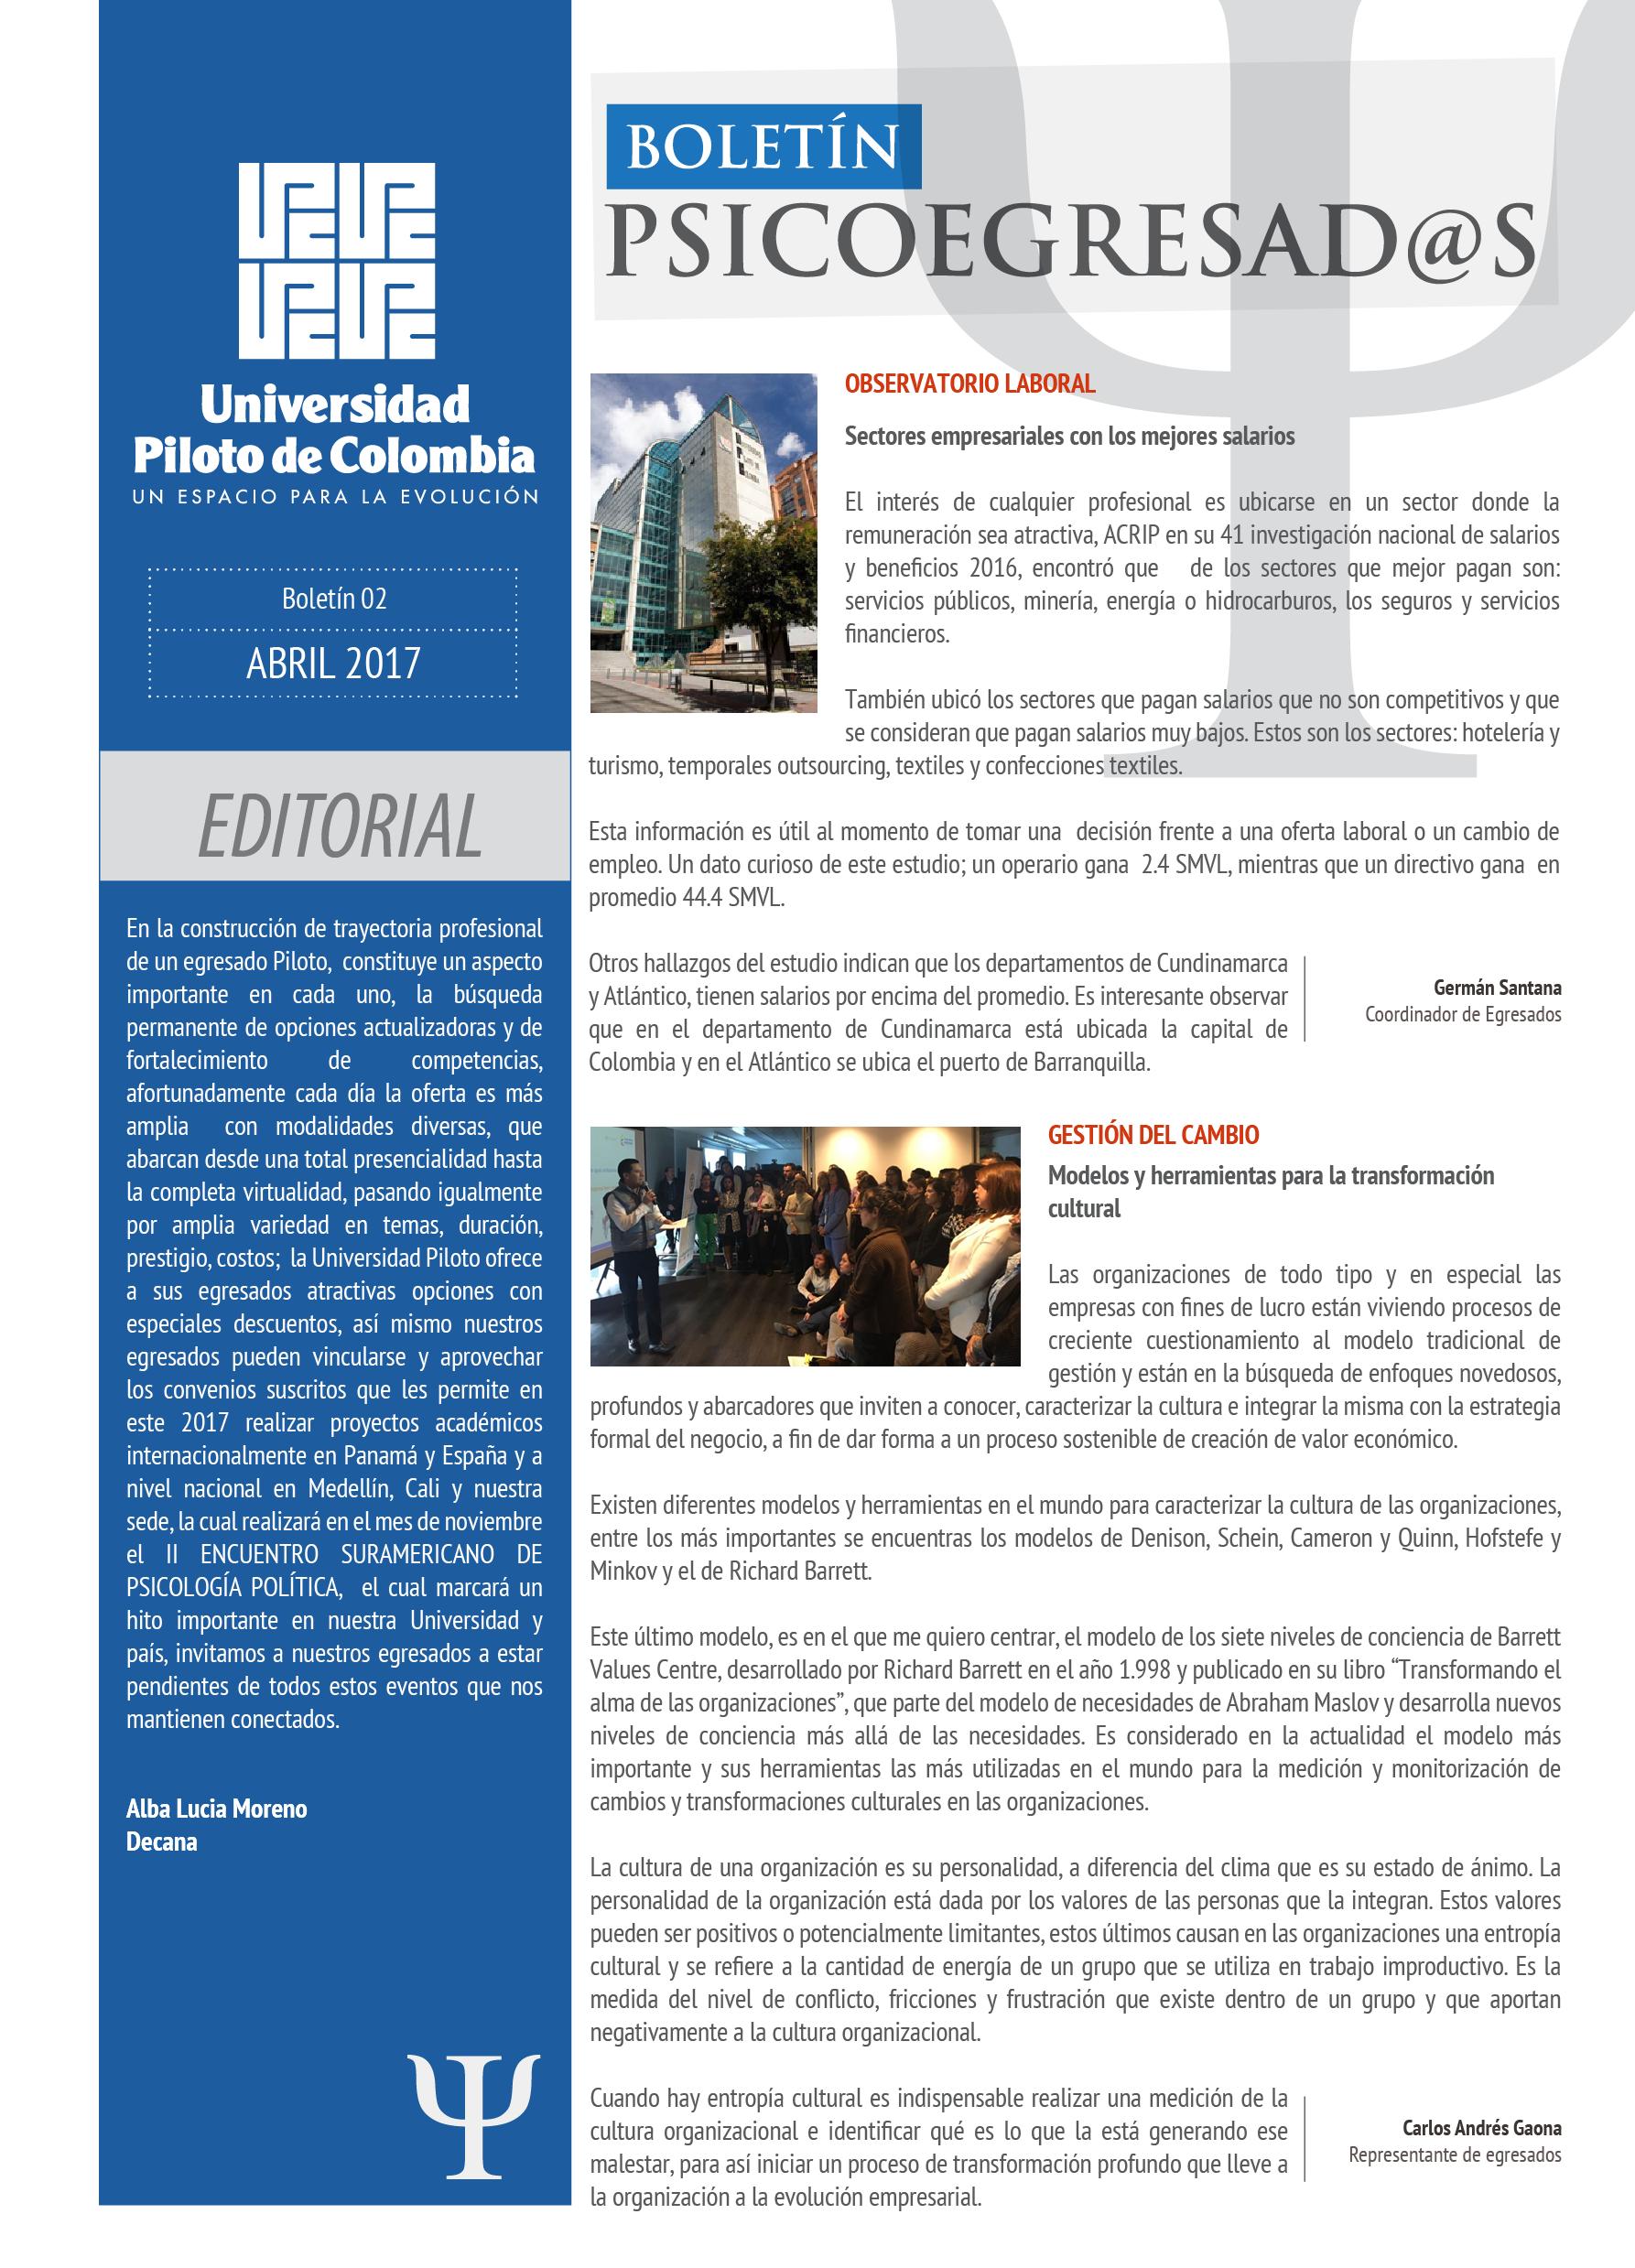 Psicologia-PSICOEGRESADOS-Abril2017_Pagina1